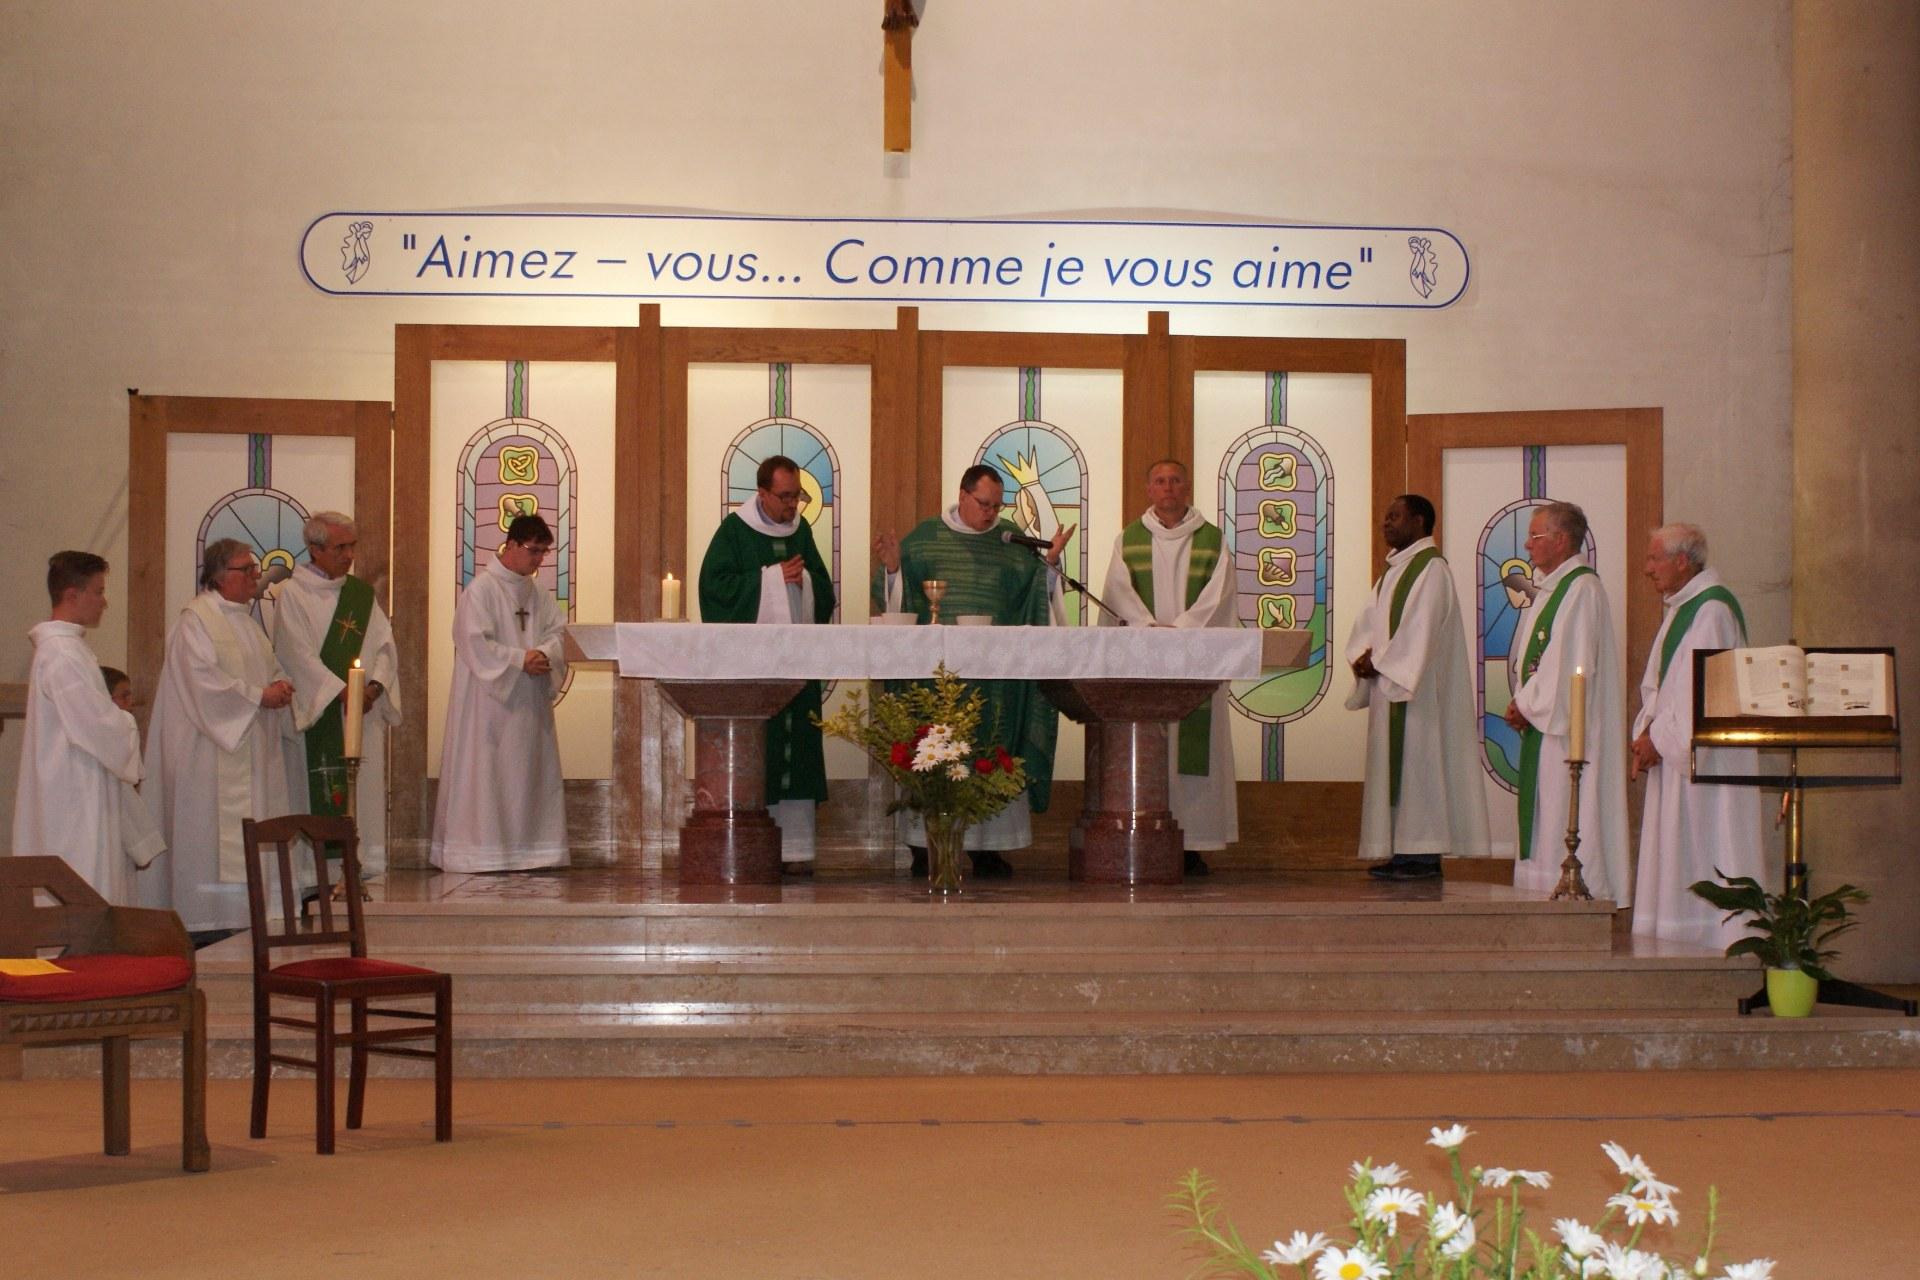 2017-06-30 - Messe d'au-revoir - 020